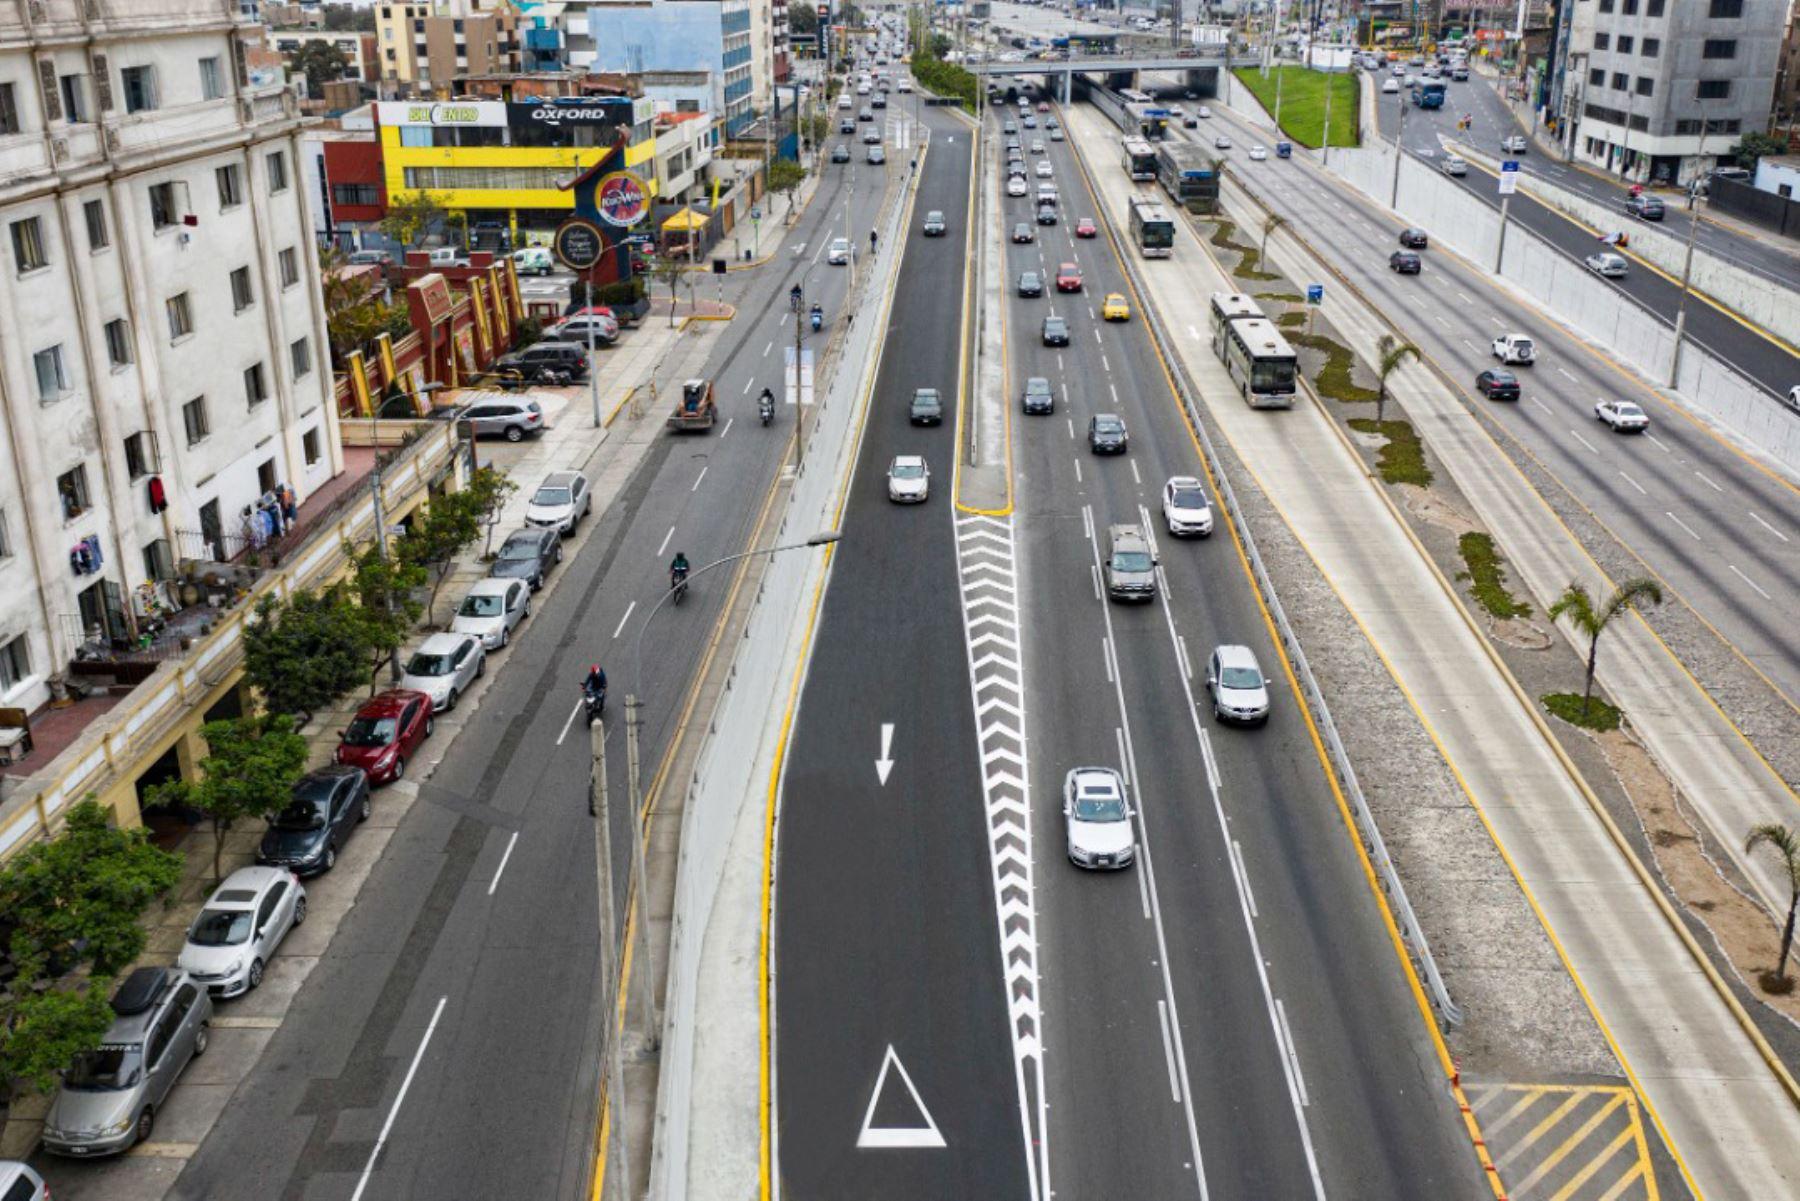 Concluyó mantenimiento de 40 entradas y salidas de Vía Expresa Paseo de la República